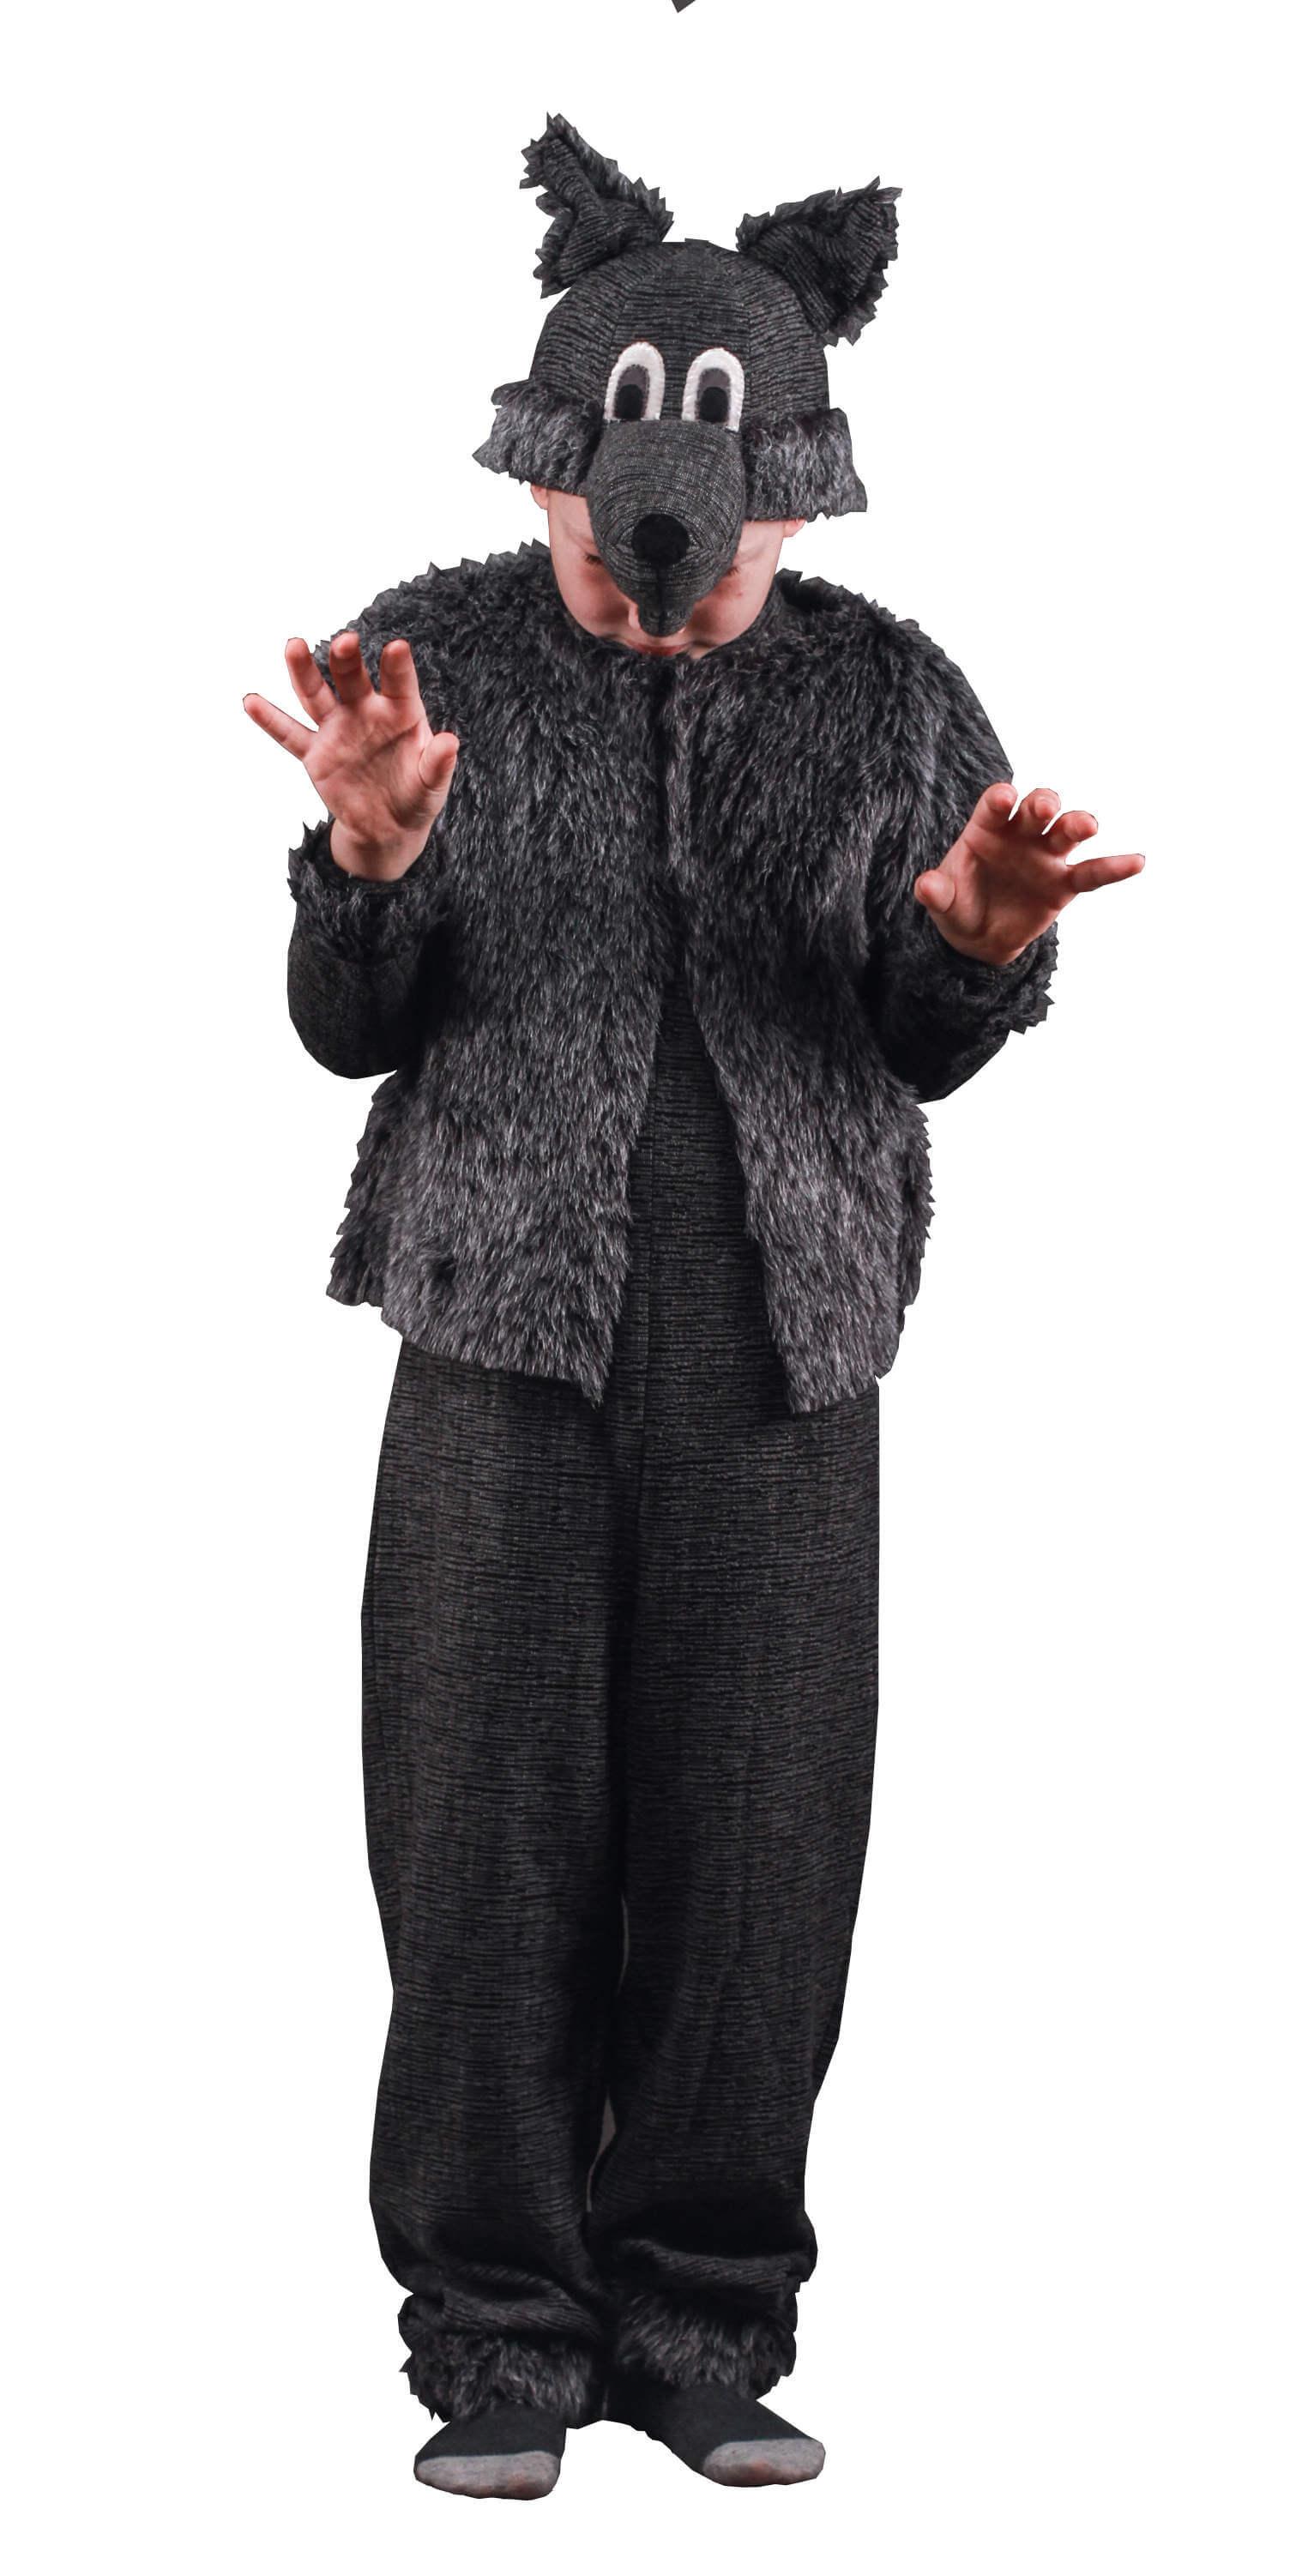 костюм волка. Vilko kostiumas. Gyvunų karnavaliniai kostiumai. Karnavaliniu kostiumu nuoma vaikams Vilniuje - pasakunamai.lt